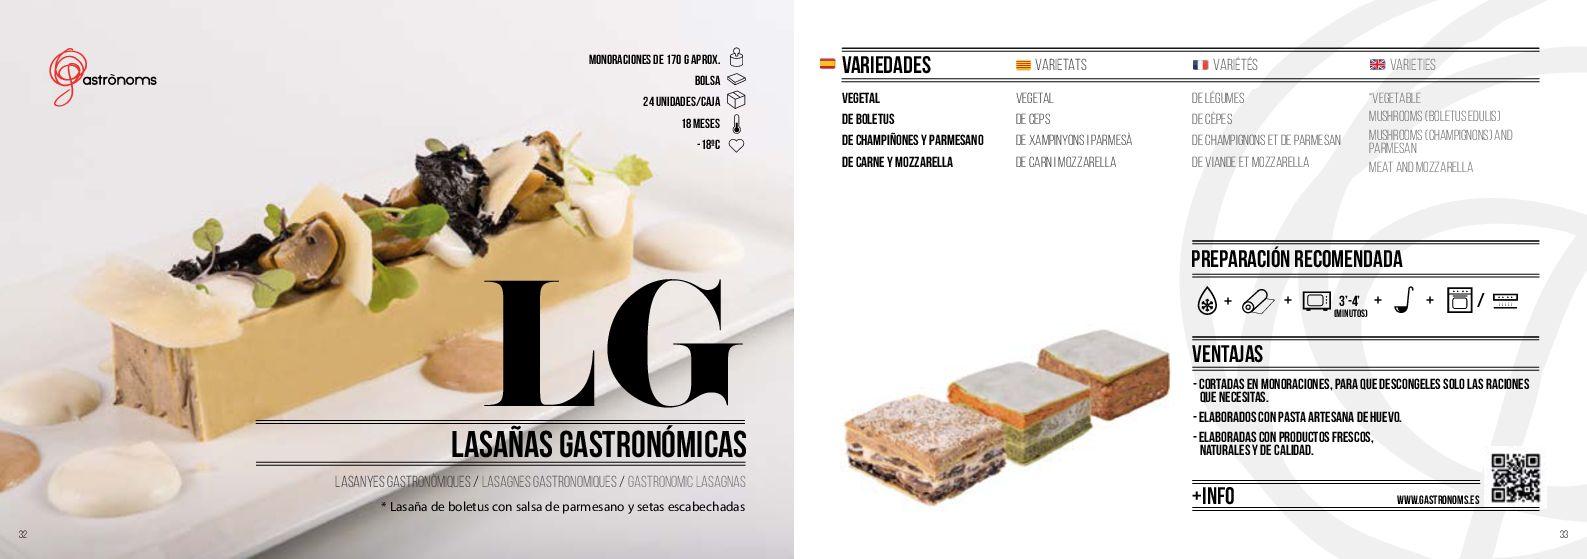 gastronoms - Pàg. 017